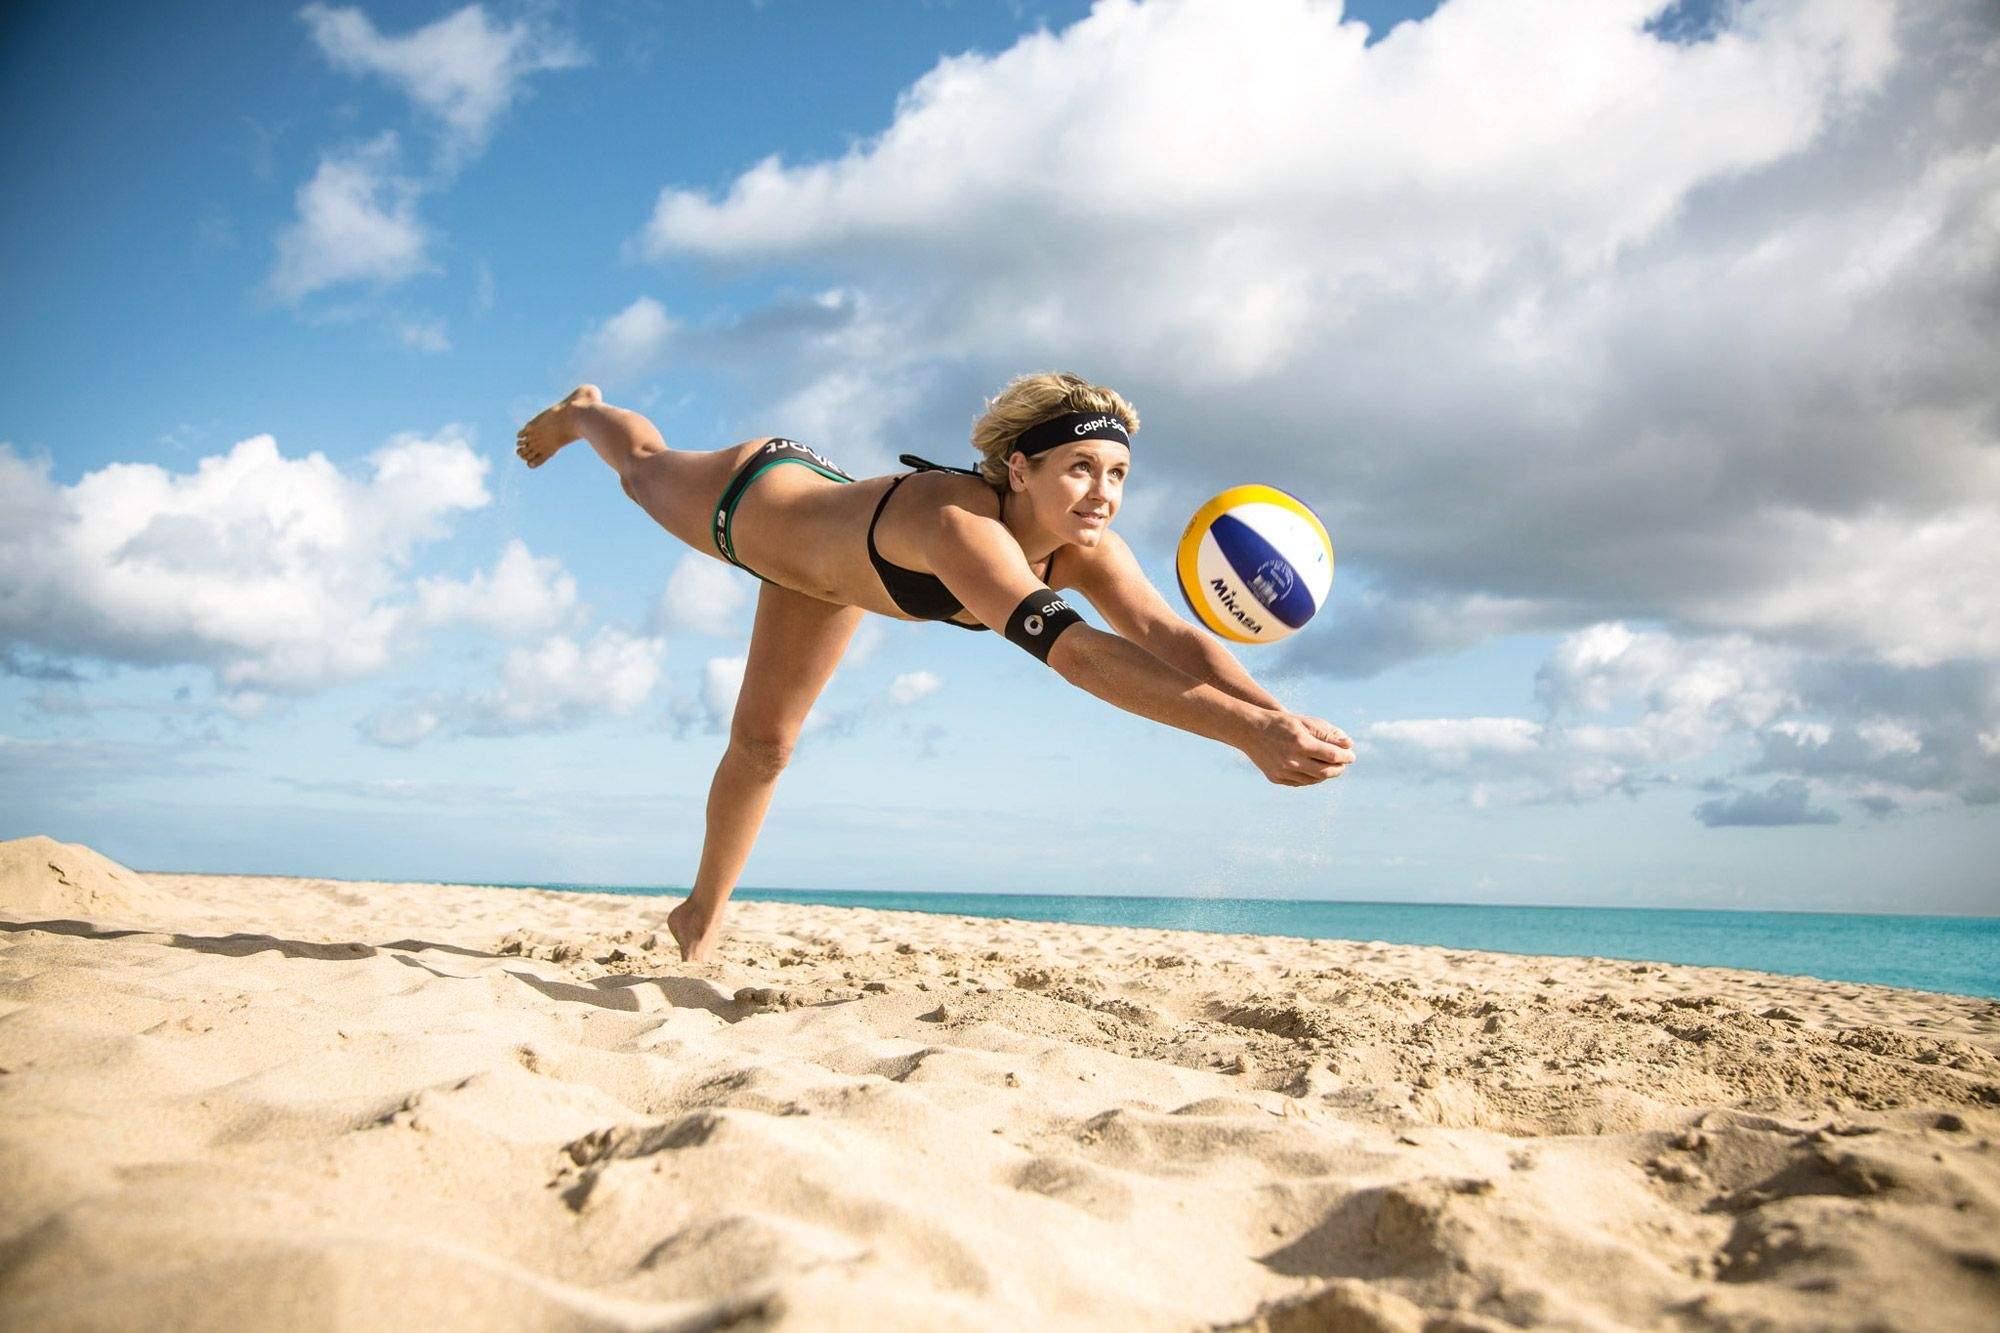 Volleyballnetz Garten Reizend Bilder Der Beachvolleyball Frauen Kira Walkenhorst Und Laura